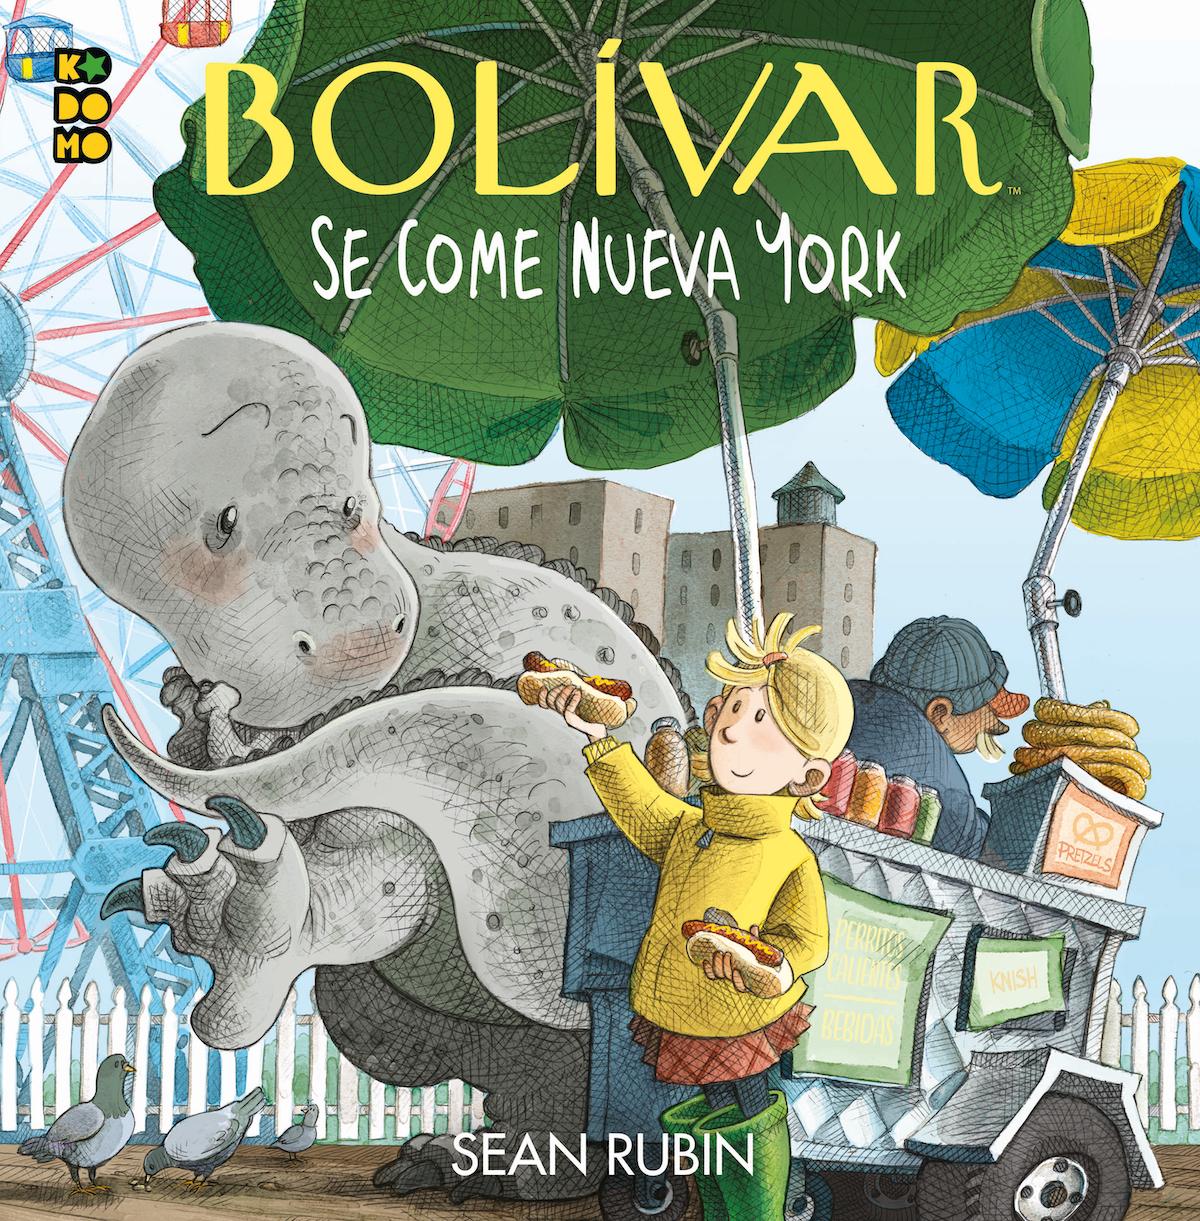 Bolivar en Nueva York